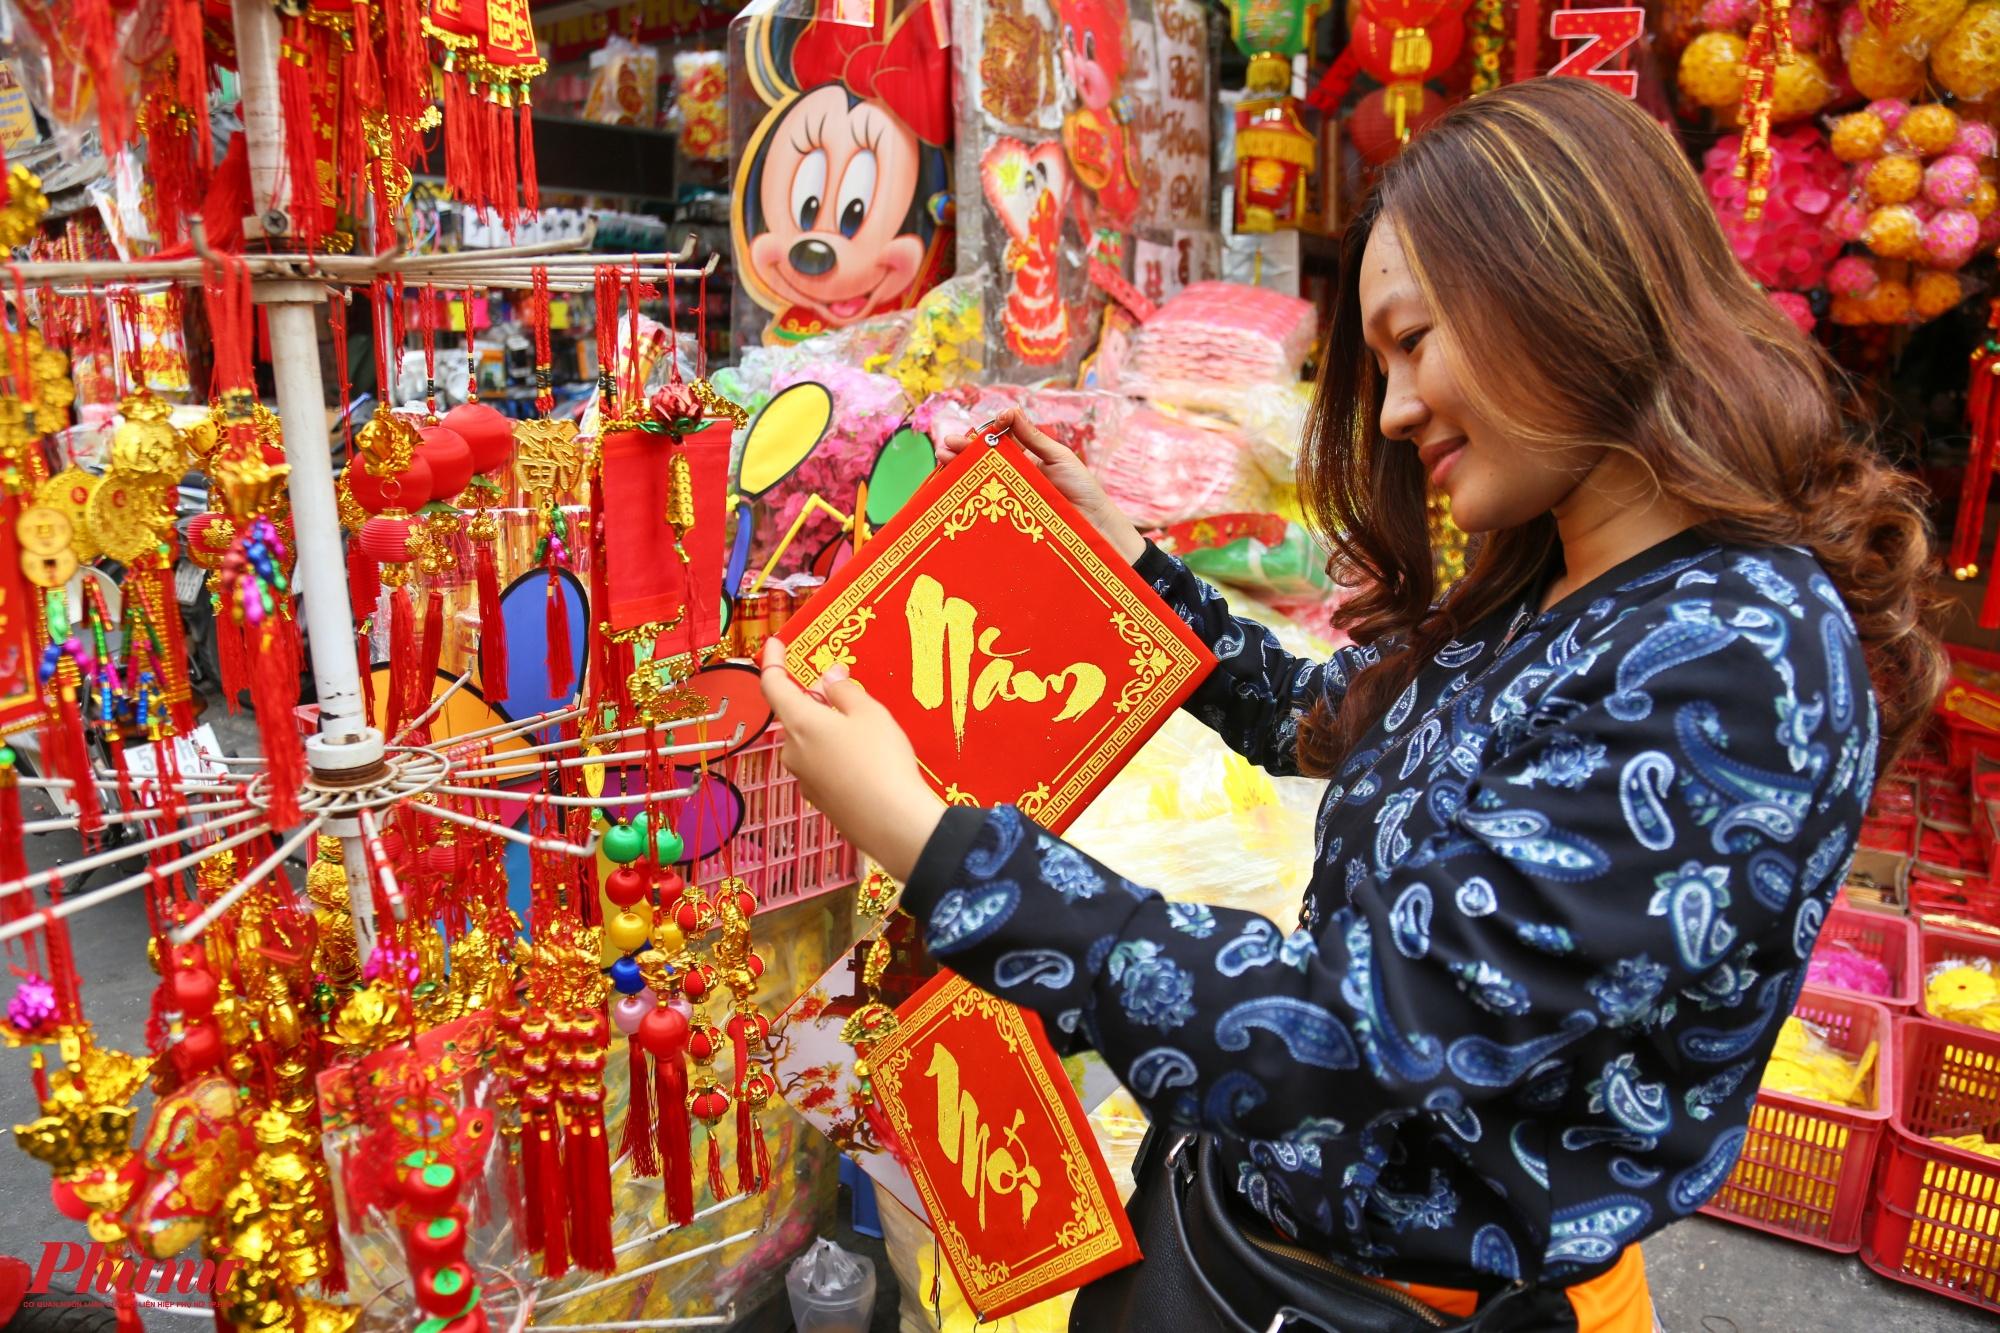 Phố bán đồ trang trí Tết Nguyên đán tấp nập ngày cuối năm - Báo Phụ Nữ